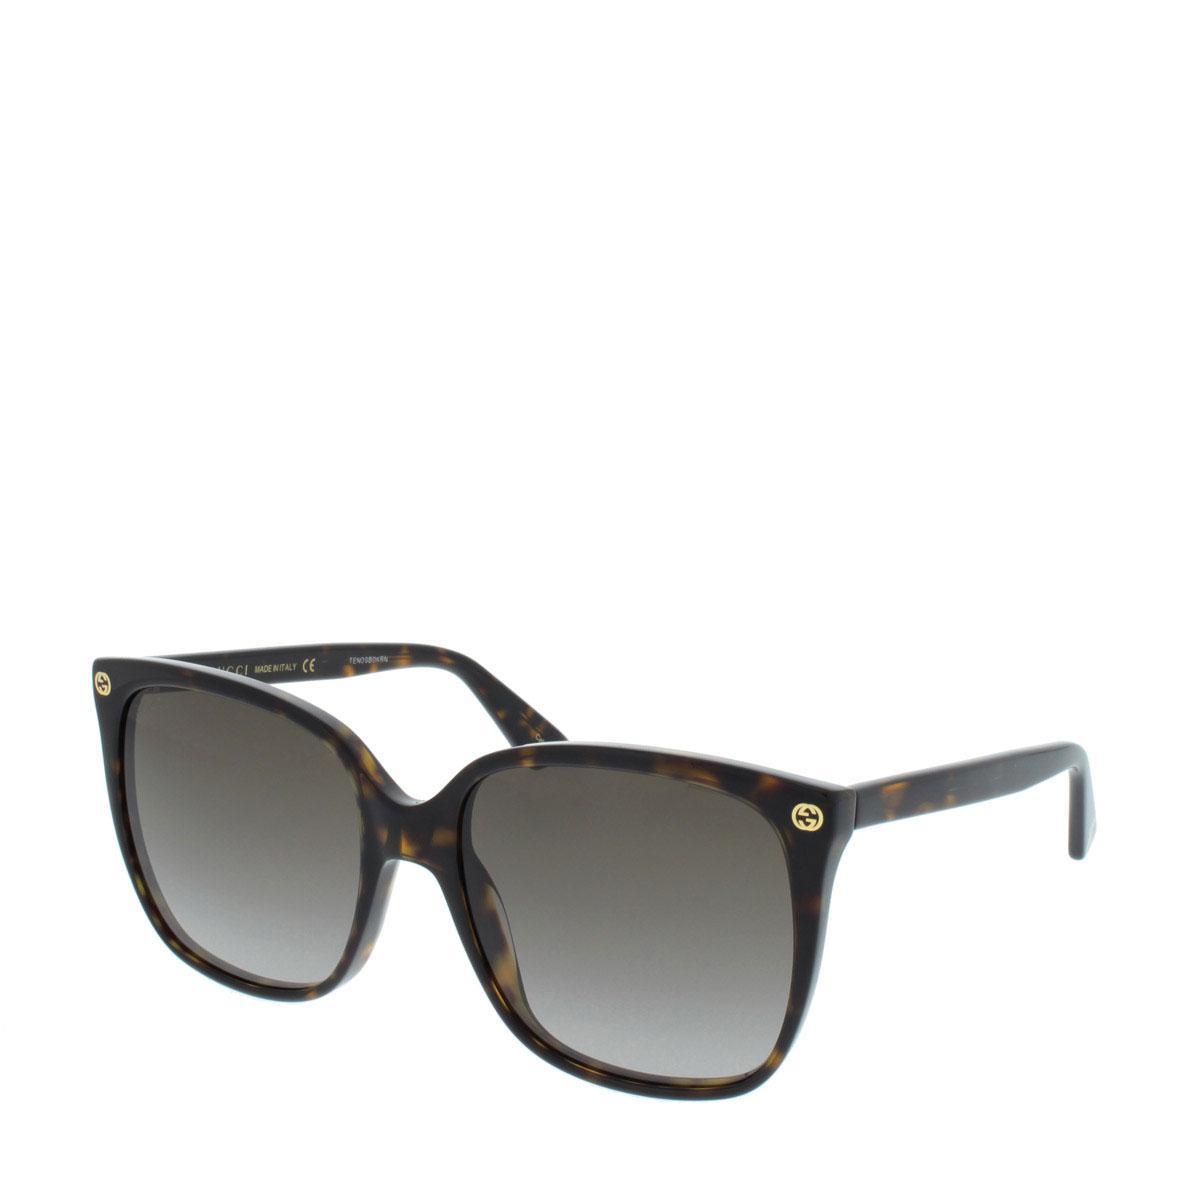 9aa15ba11e Gucci GG0022S 003 57 - Save 3% - Lyst